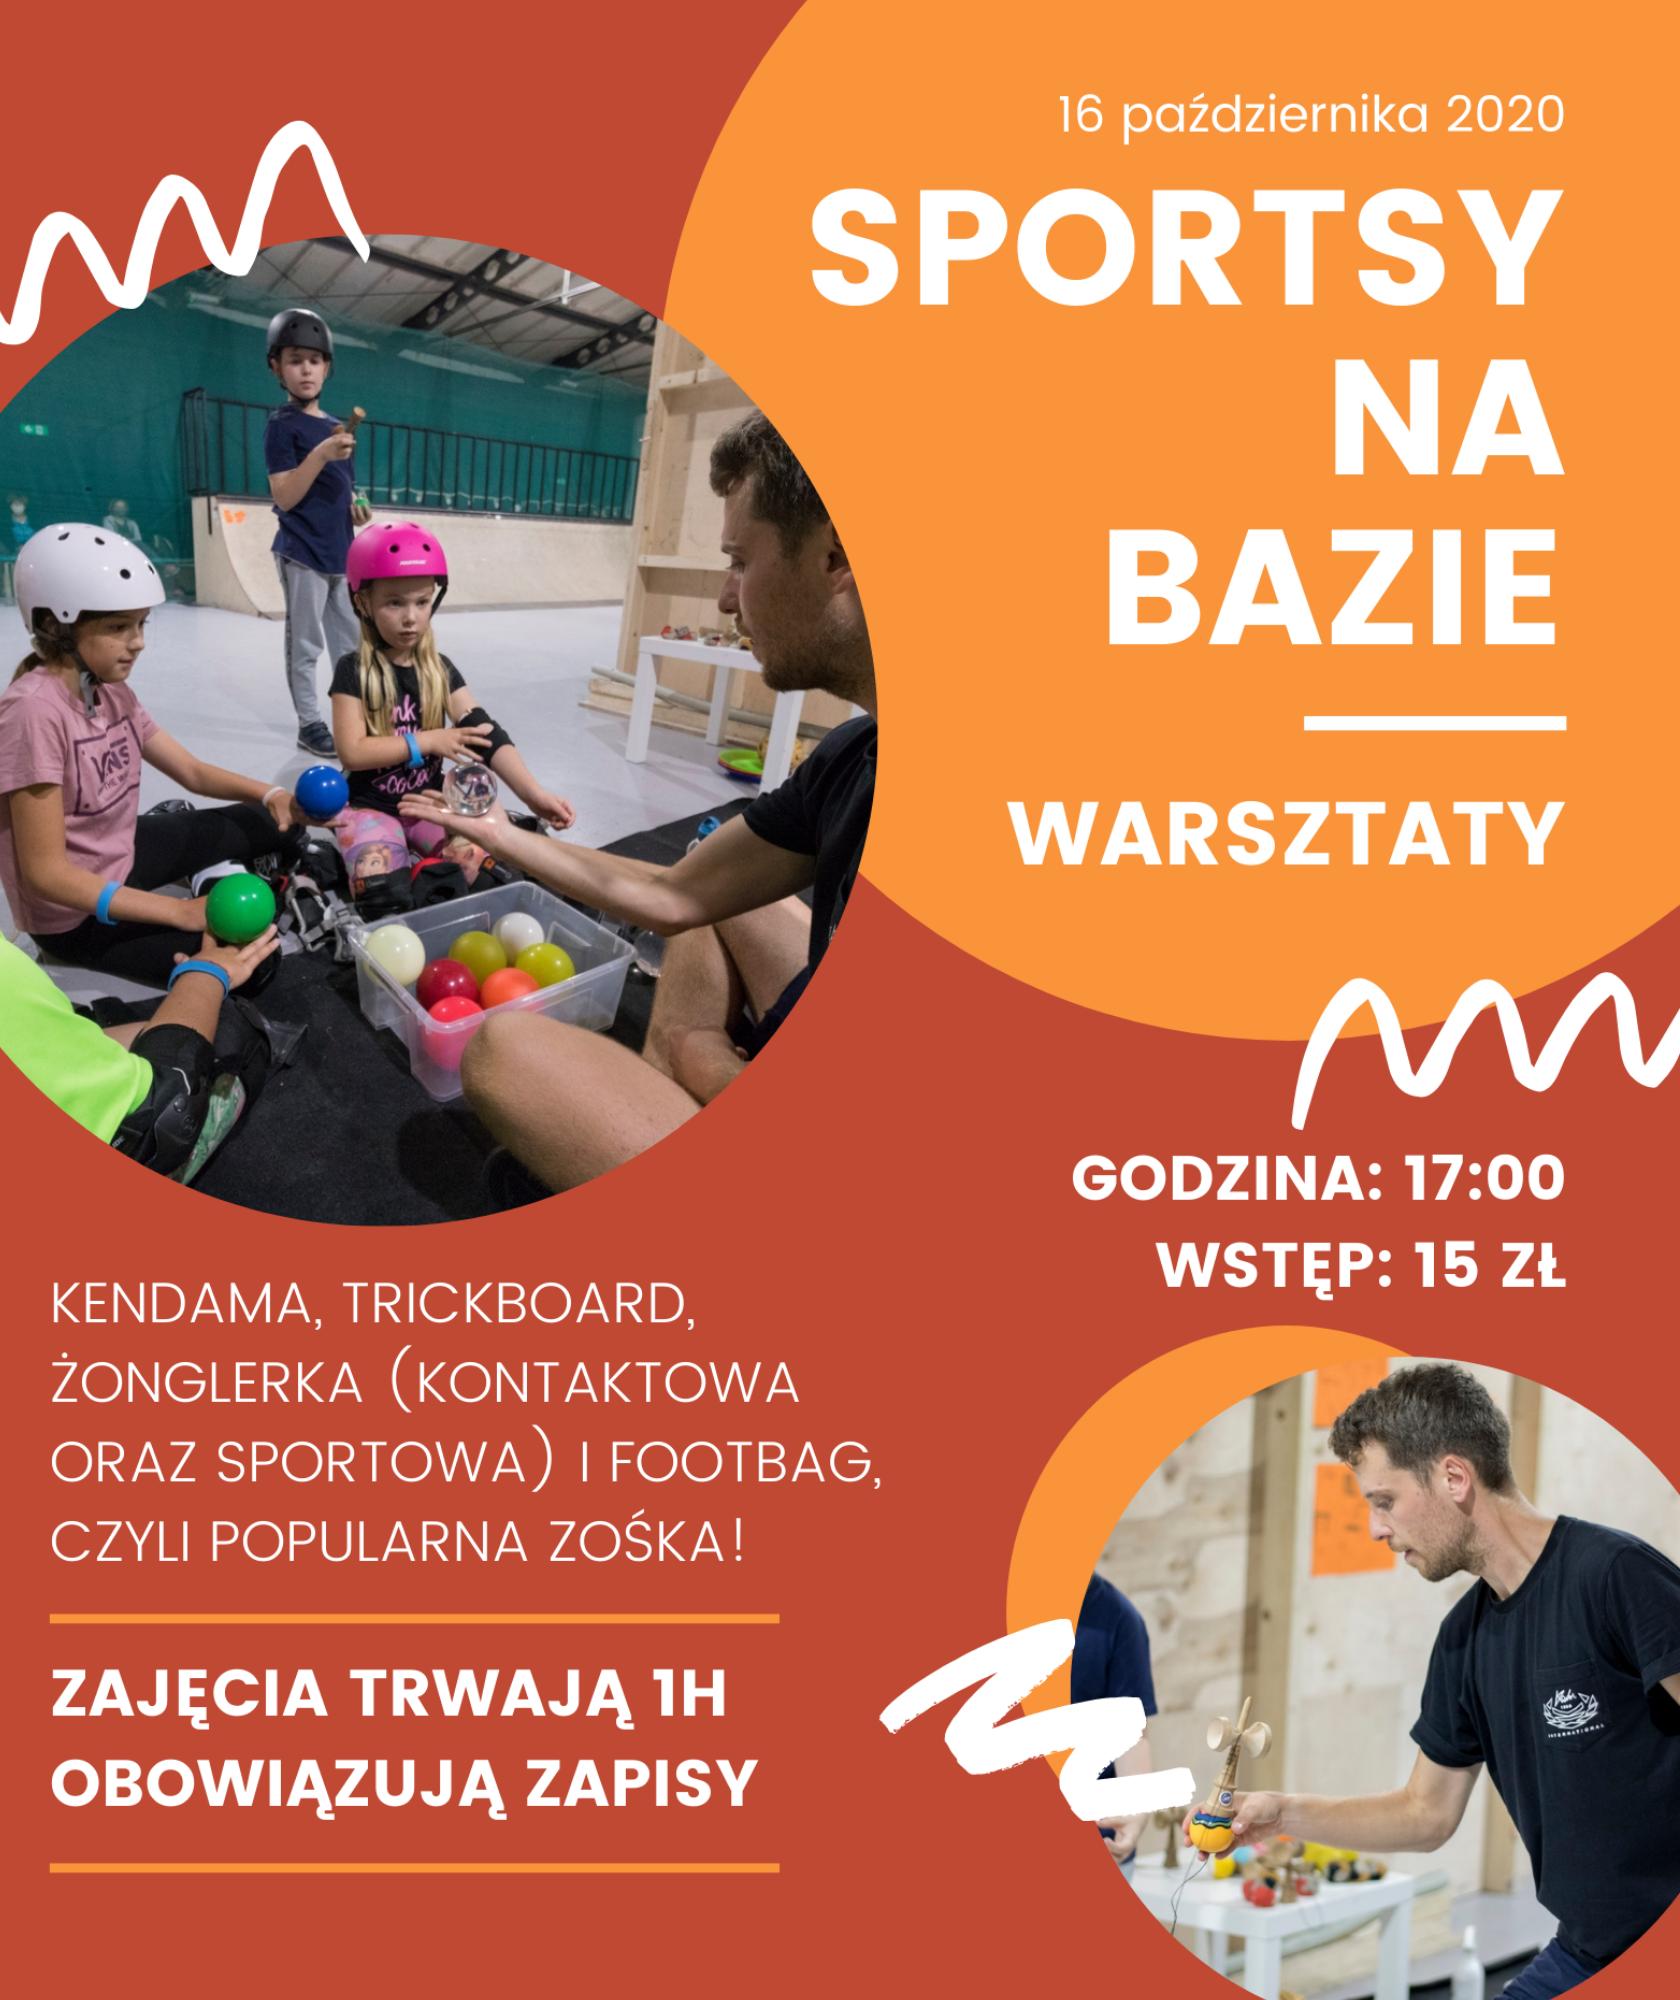 Sportsy - warsztaty sportów kreatywnych na Bazie